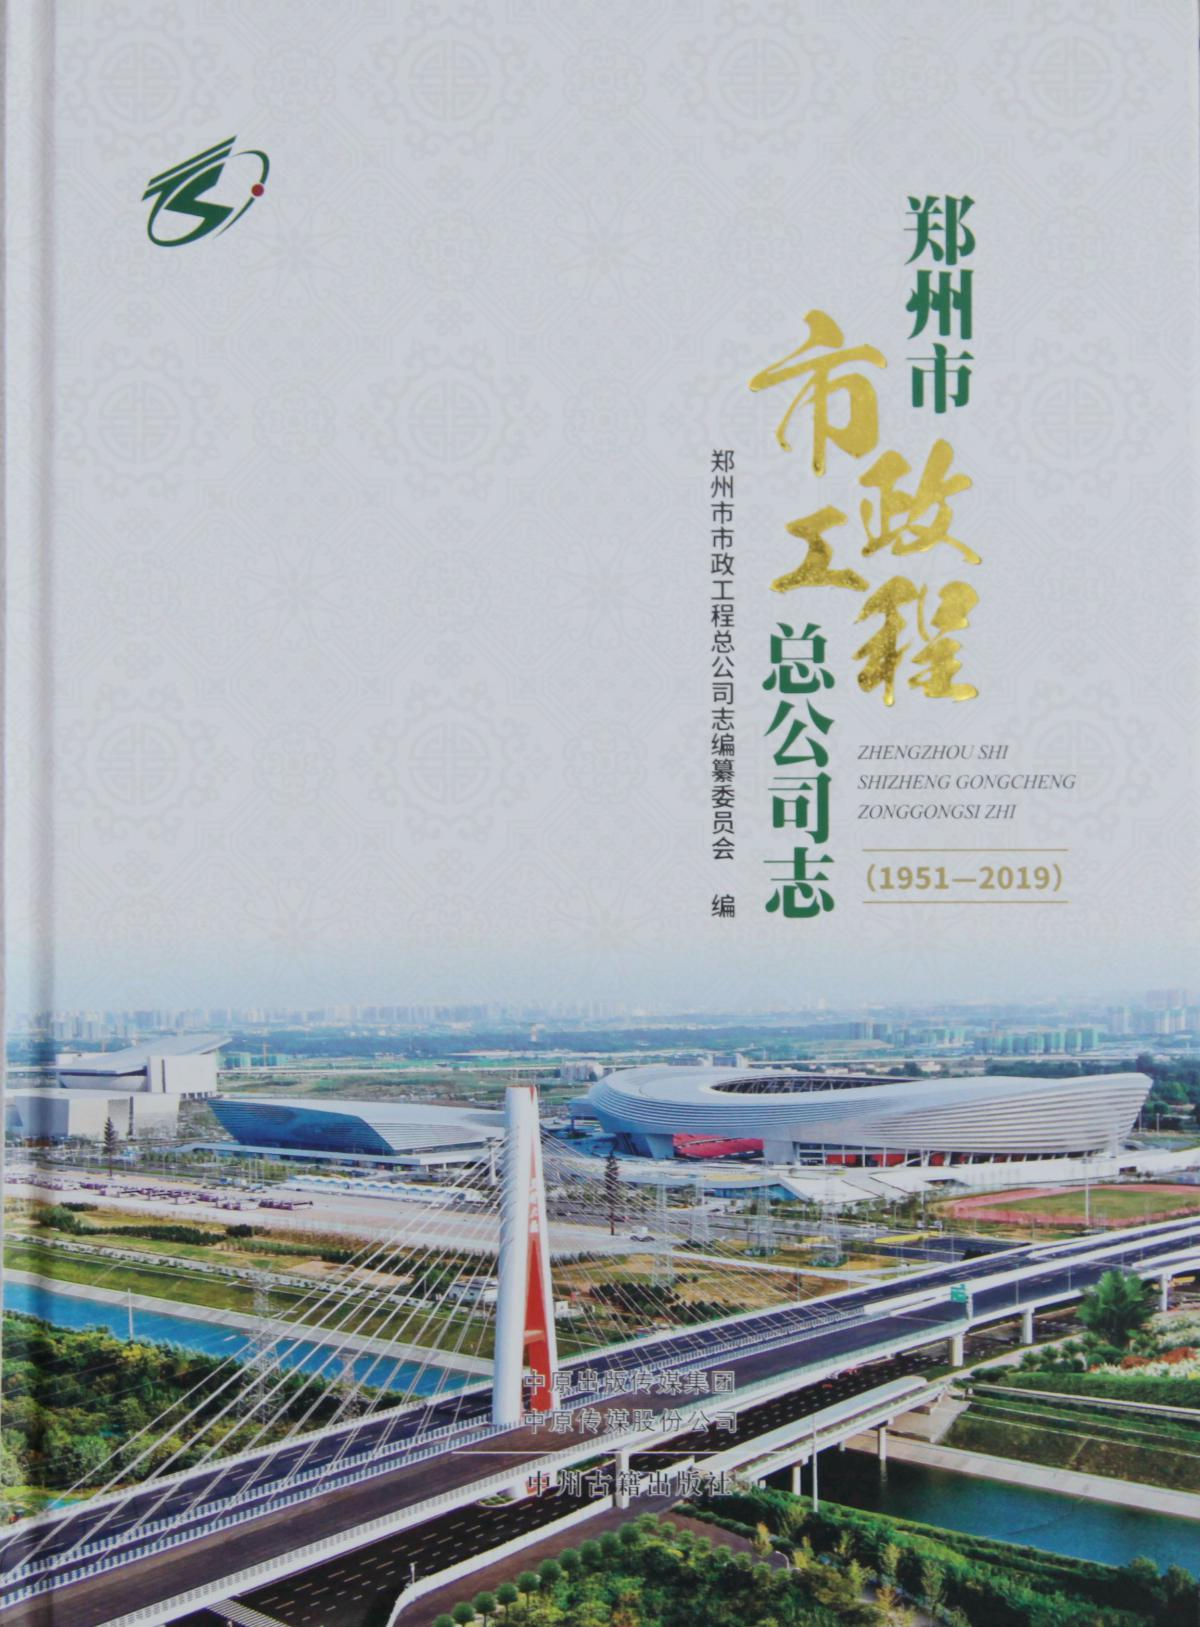 《郑州市市政工程总公司志》出版发行